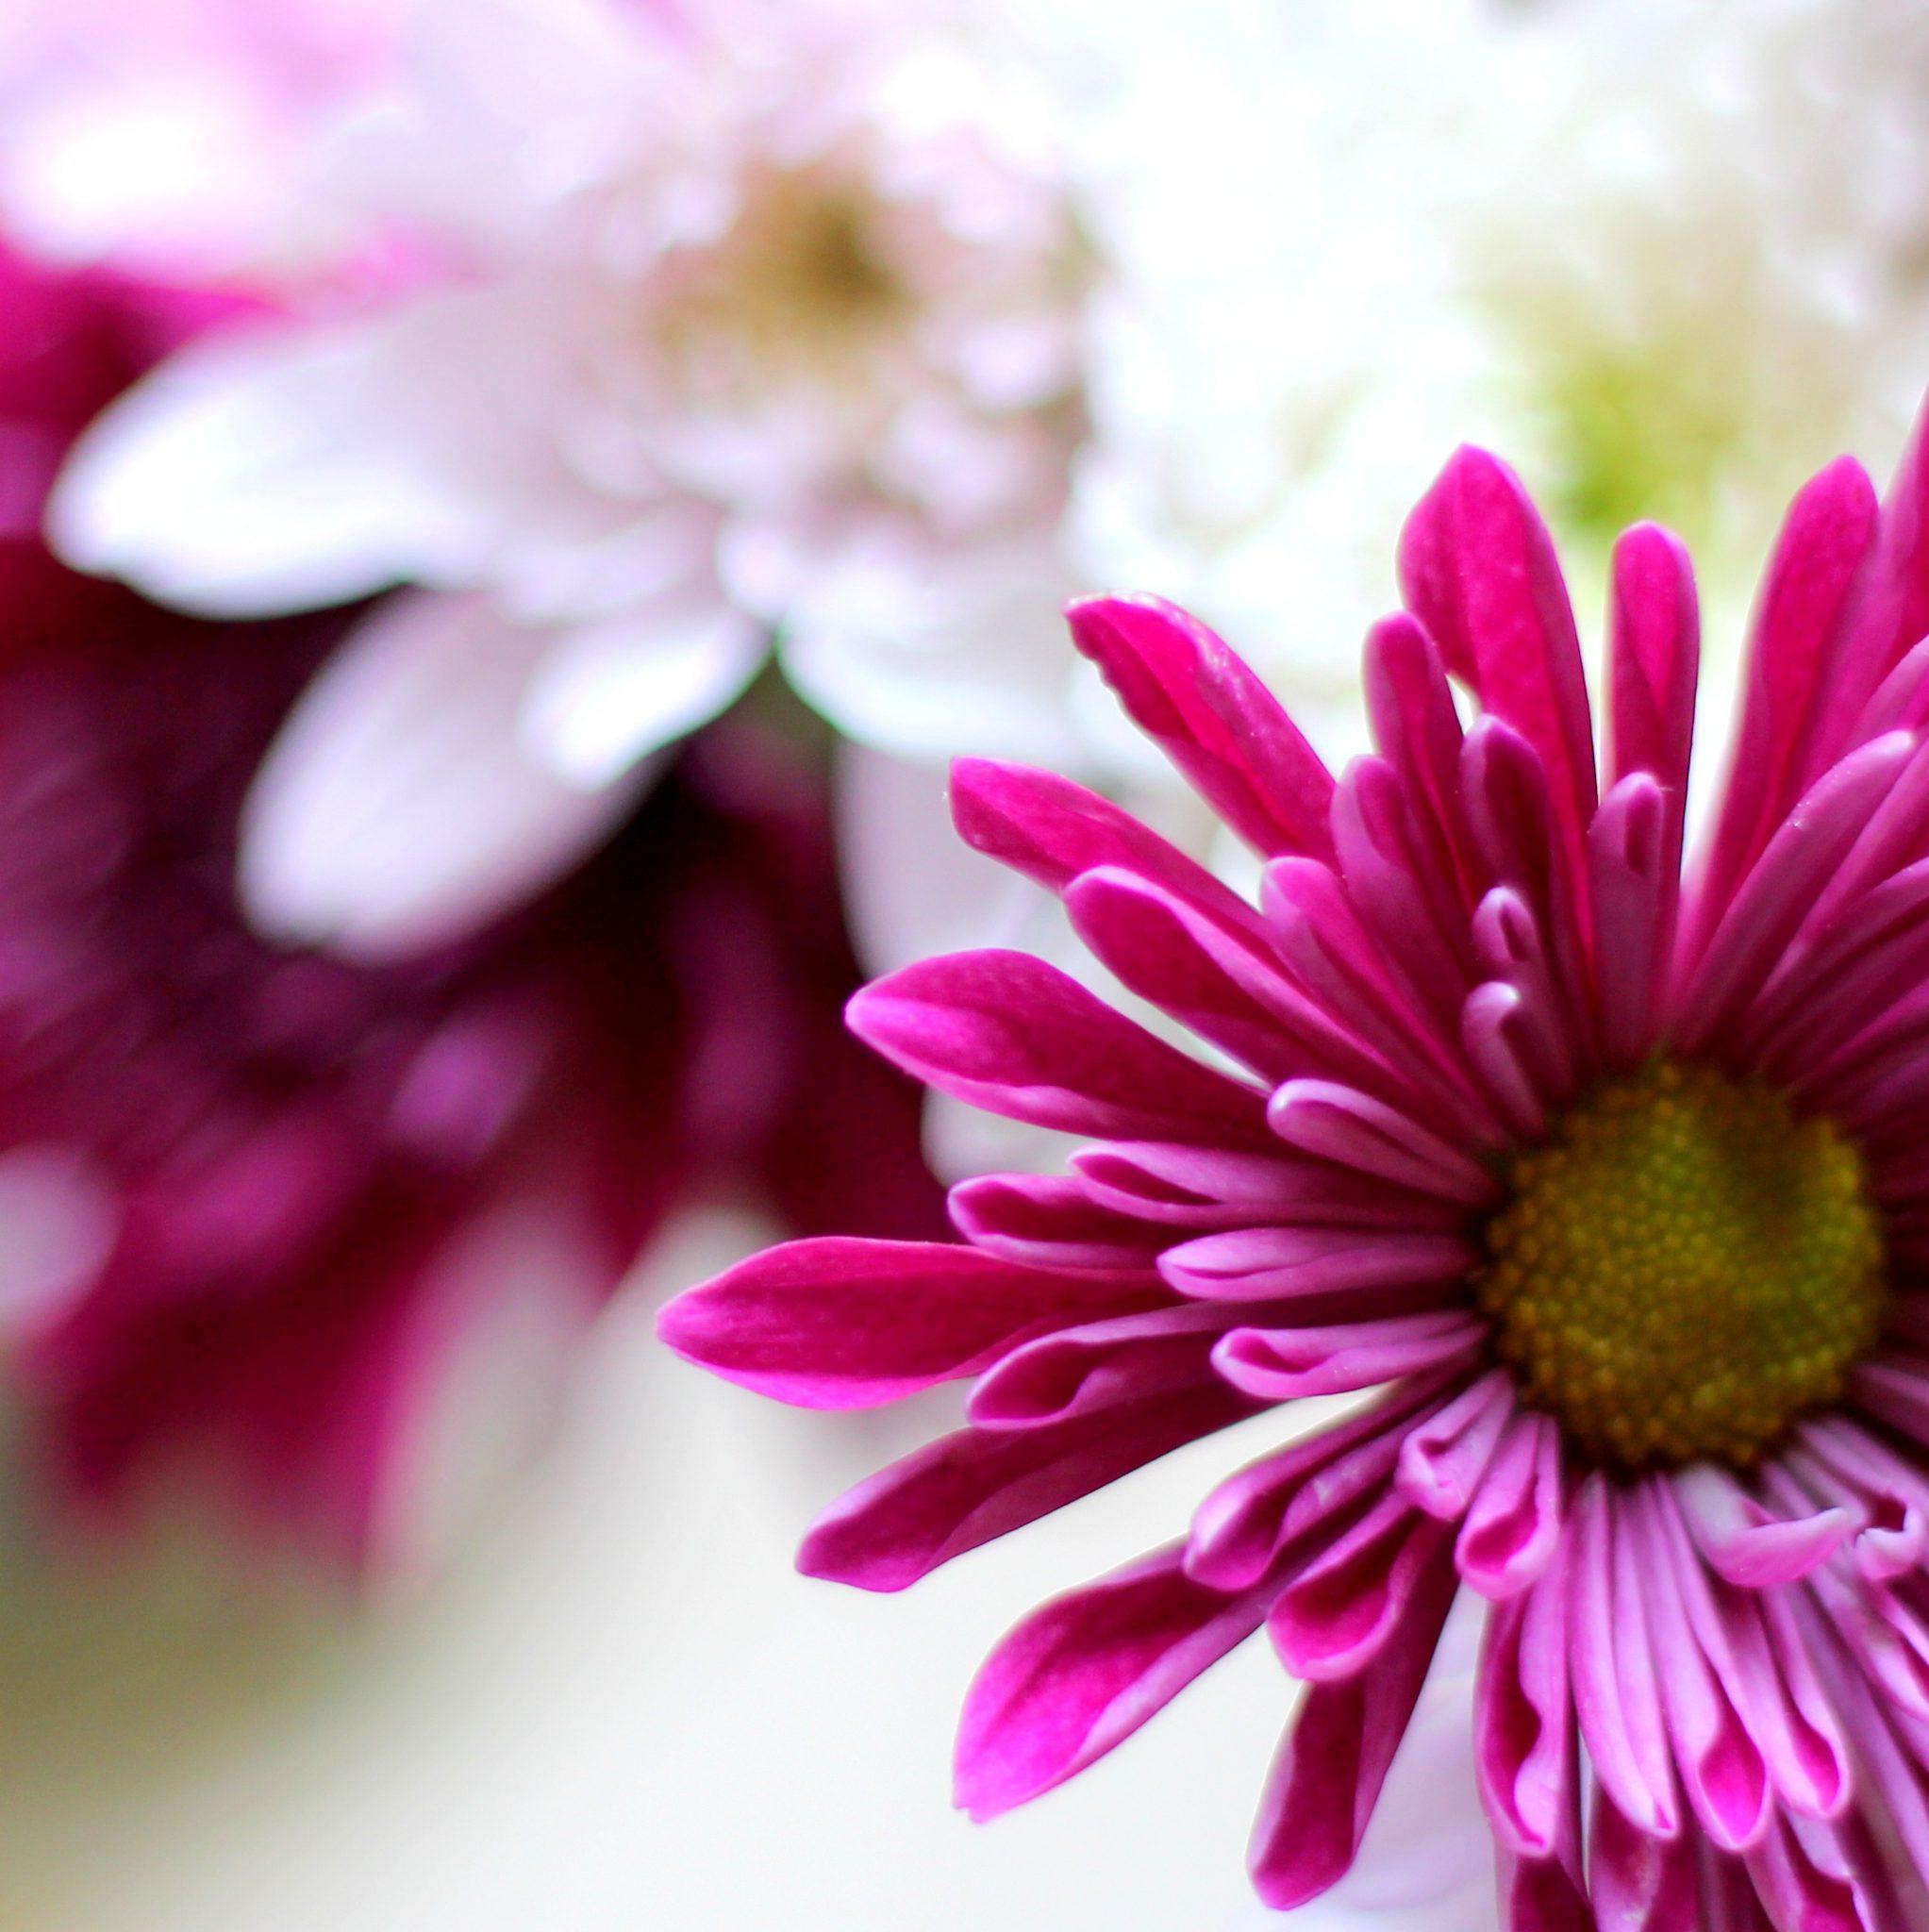 פרח דליה Dahlia בלוג עיצוב מיס גרות צילום לירון גונן (10)